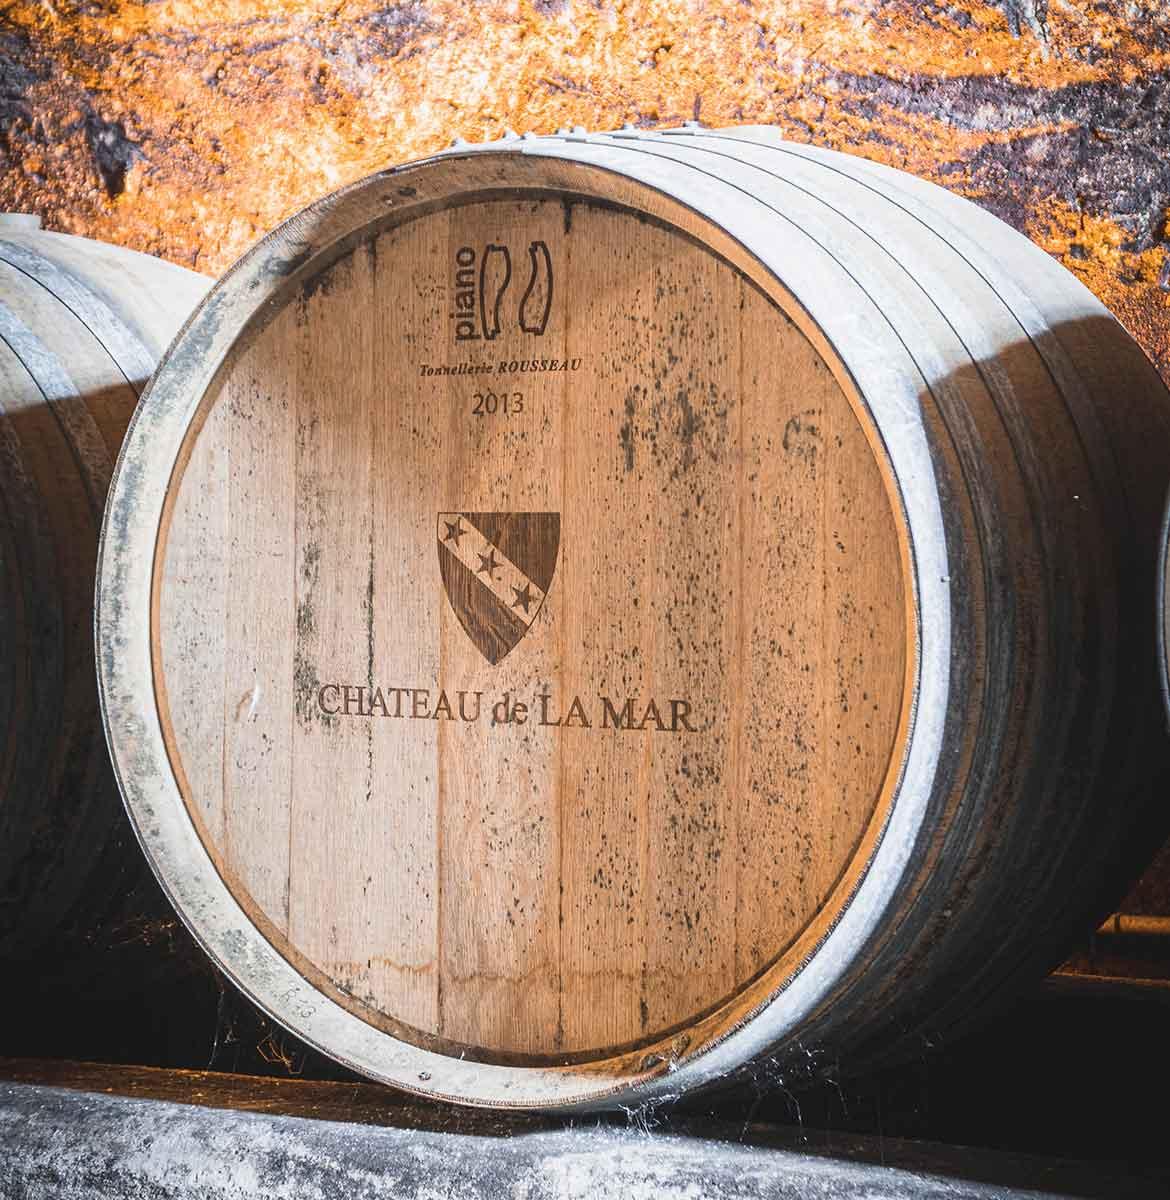 Fut en Chene pour nos vins de savoie